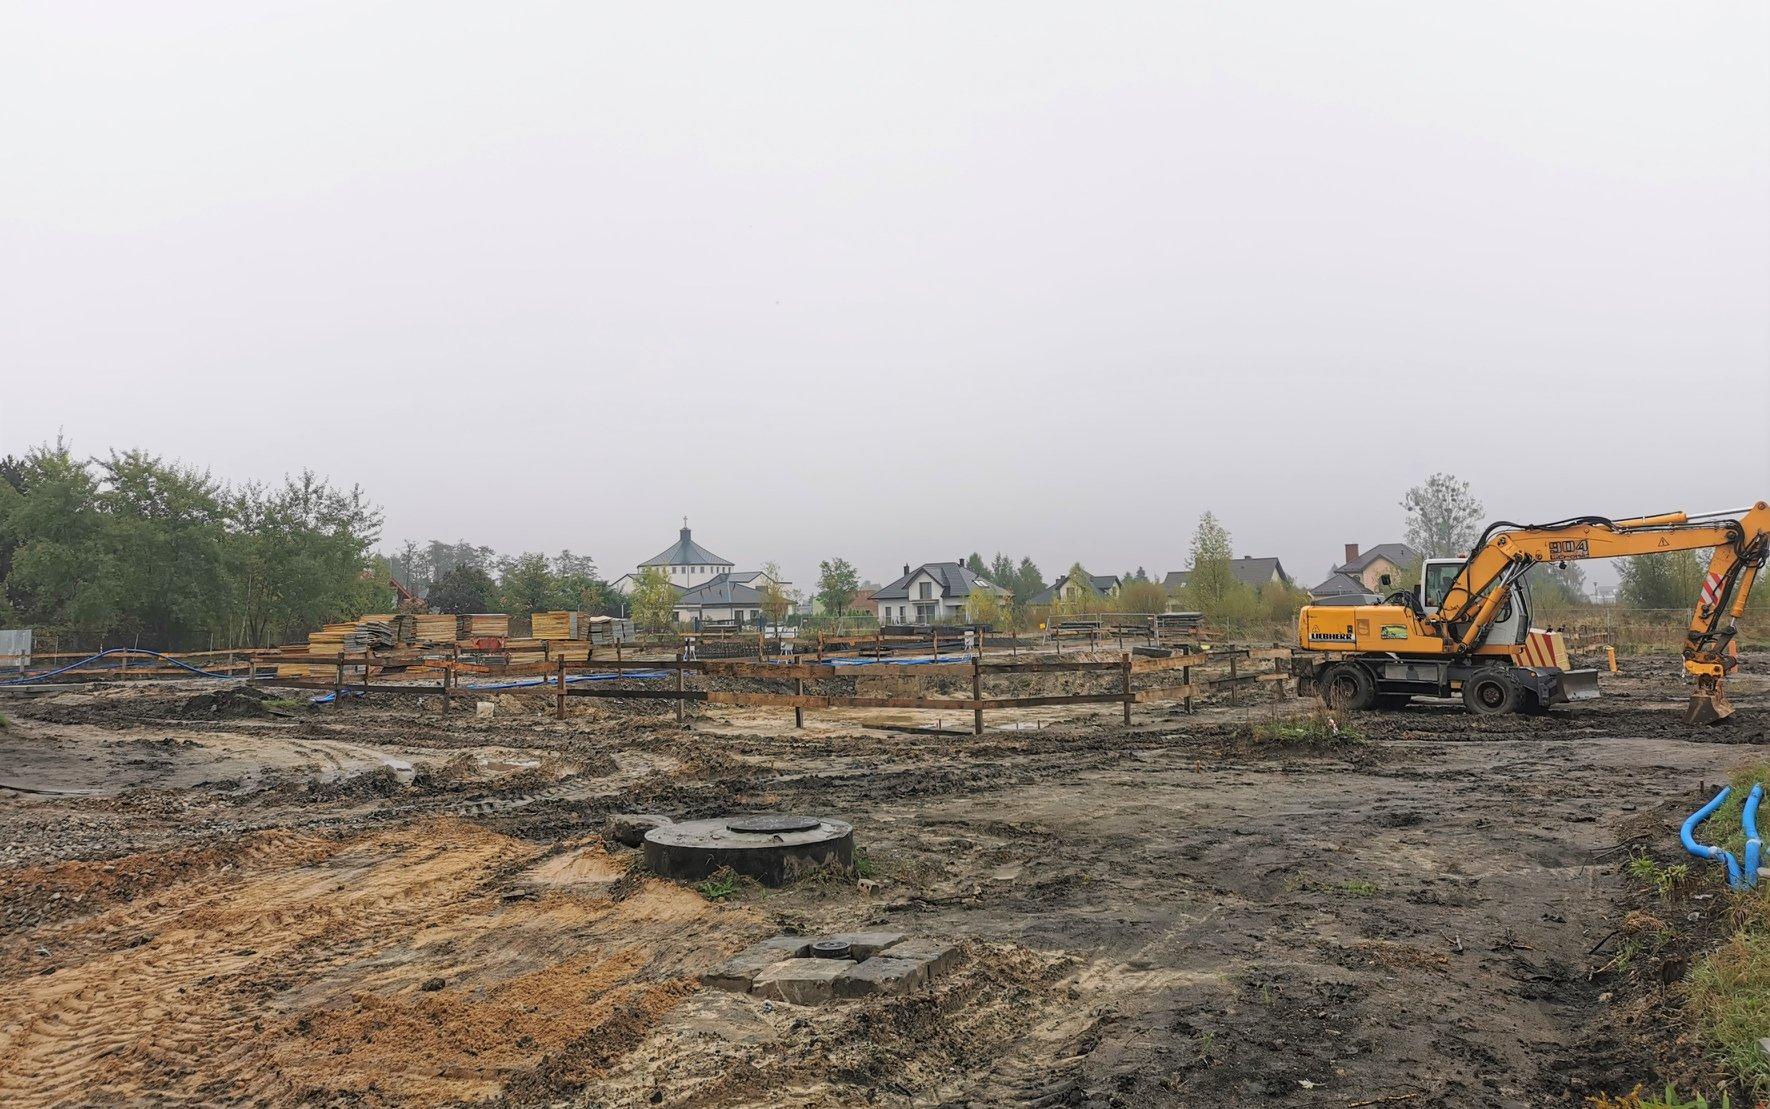 124153501 188945809478771 2512110994033316598 o Zamość: Trwa budowa nowego osiedla mieszkaniowego